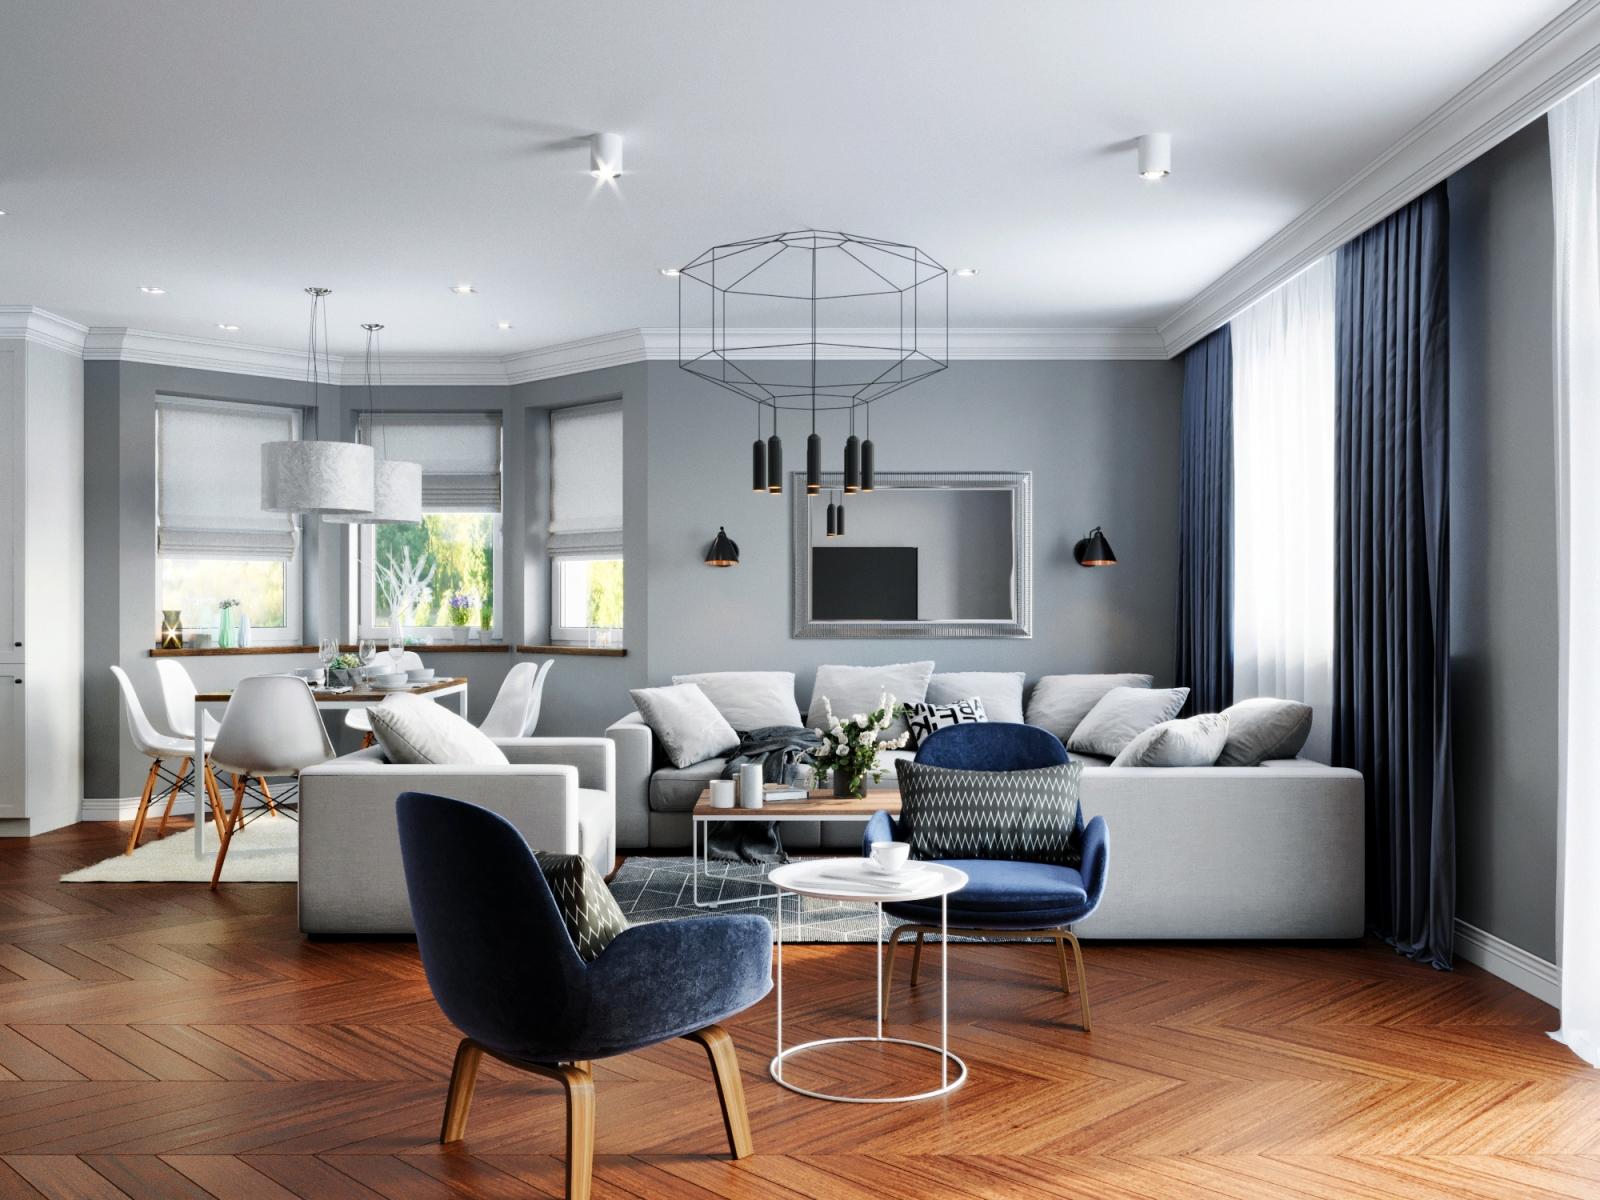 Modern and Stylish Apartment Visualization